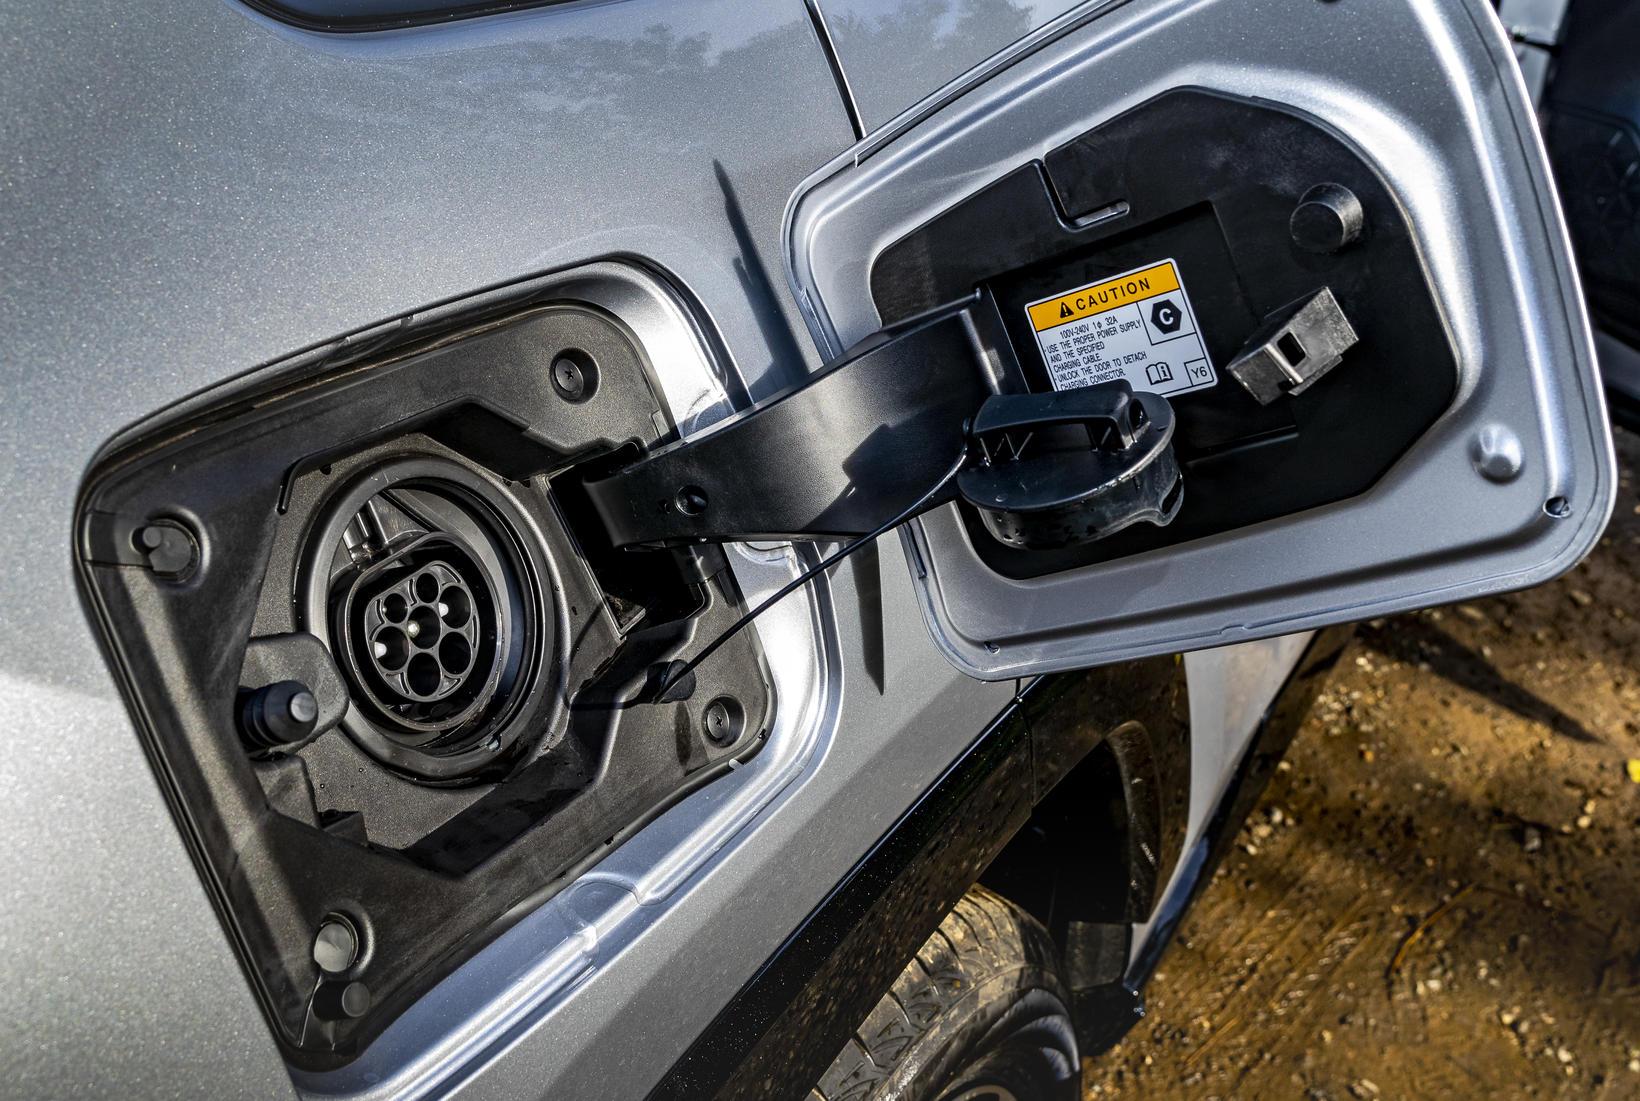 2,5 lítra Dynamic Force-bensínvélin vinnur mjög vel með rafmótorum sem …